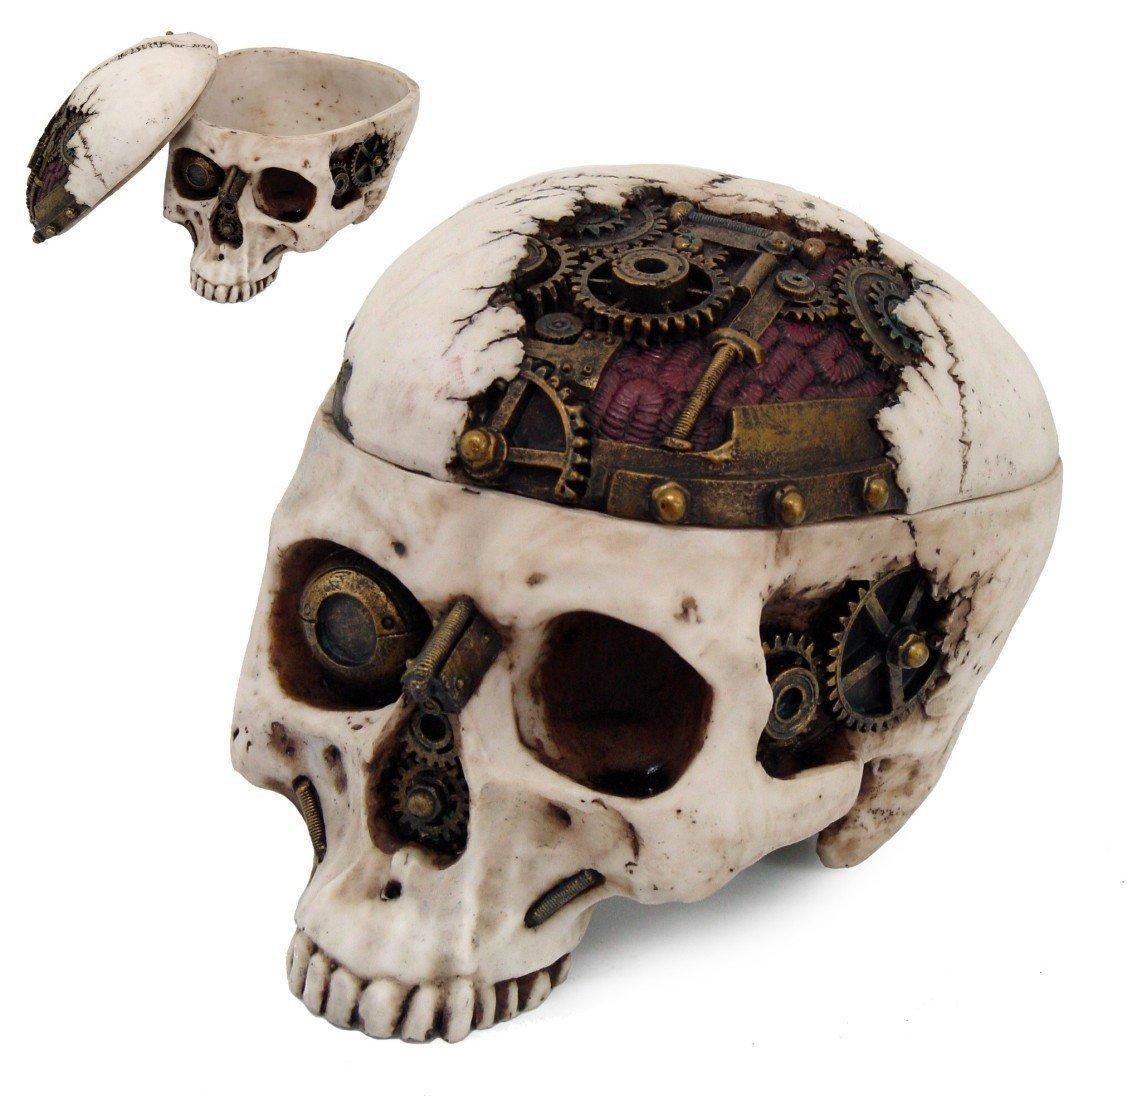 порога, механический череп картинки несебра